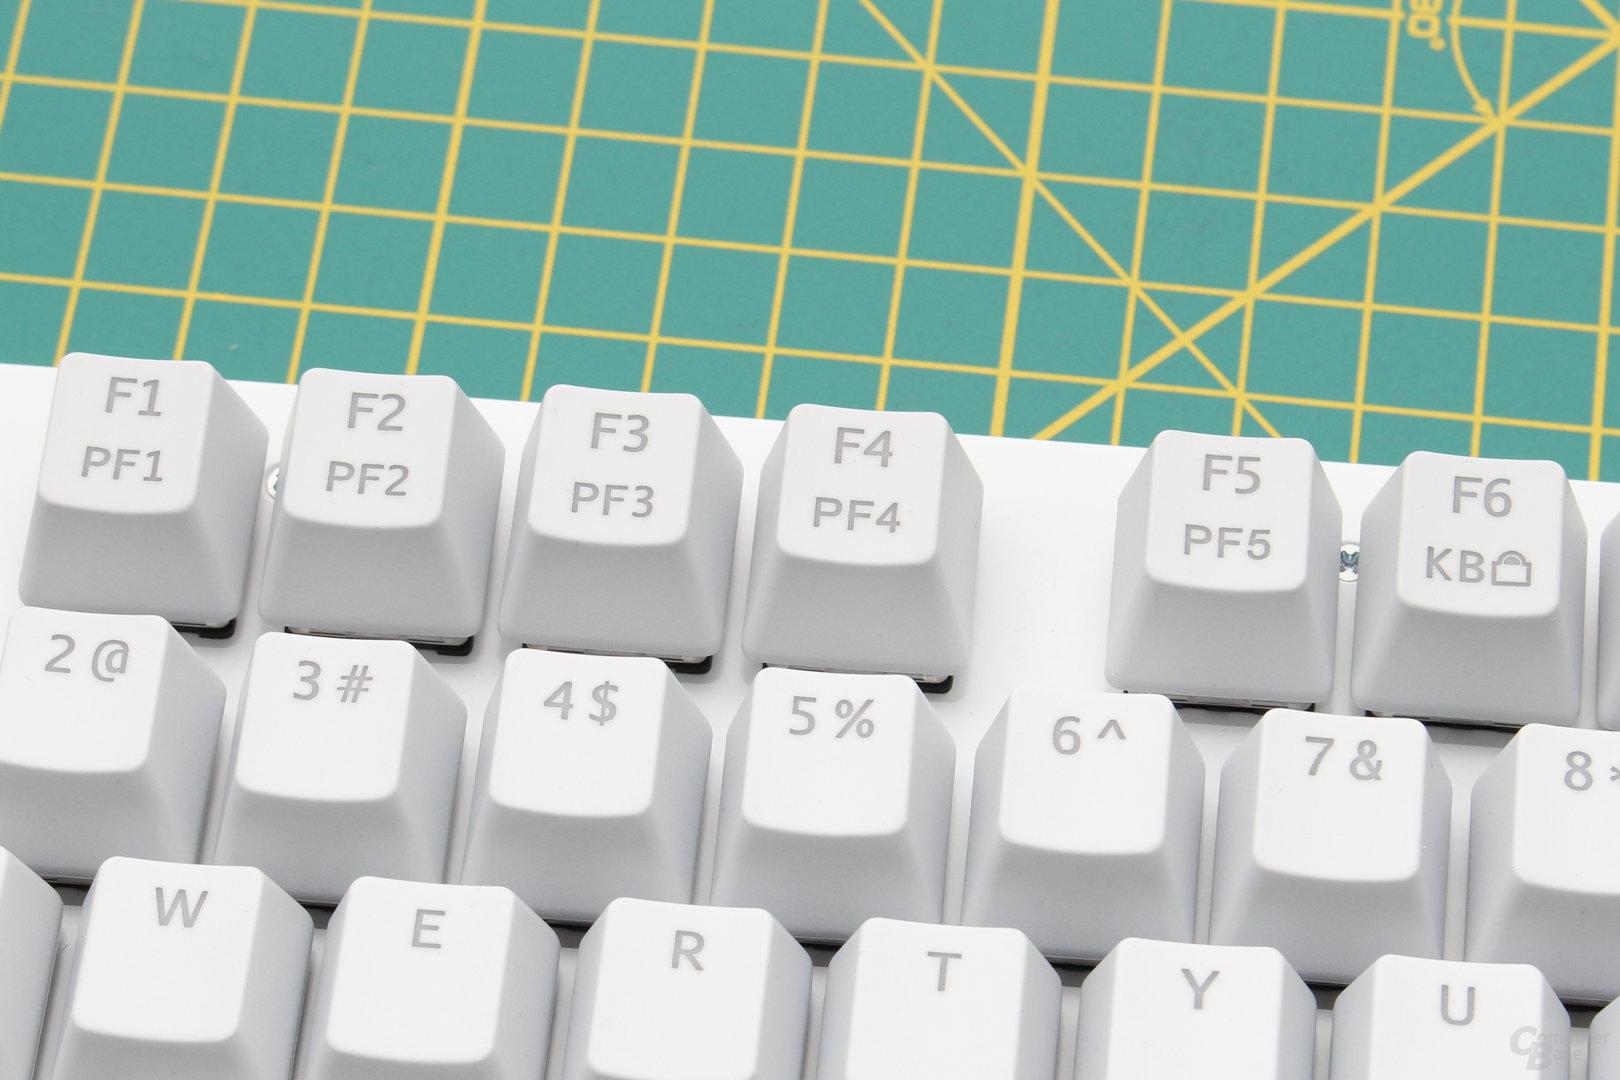 Auswahl der fünf Profile und vollständige Tastensperre